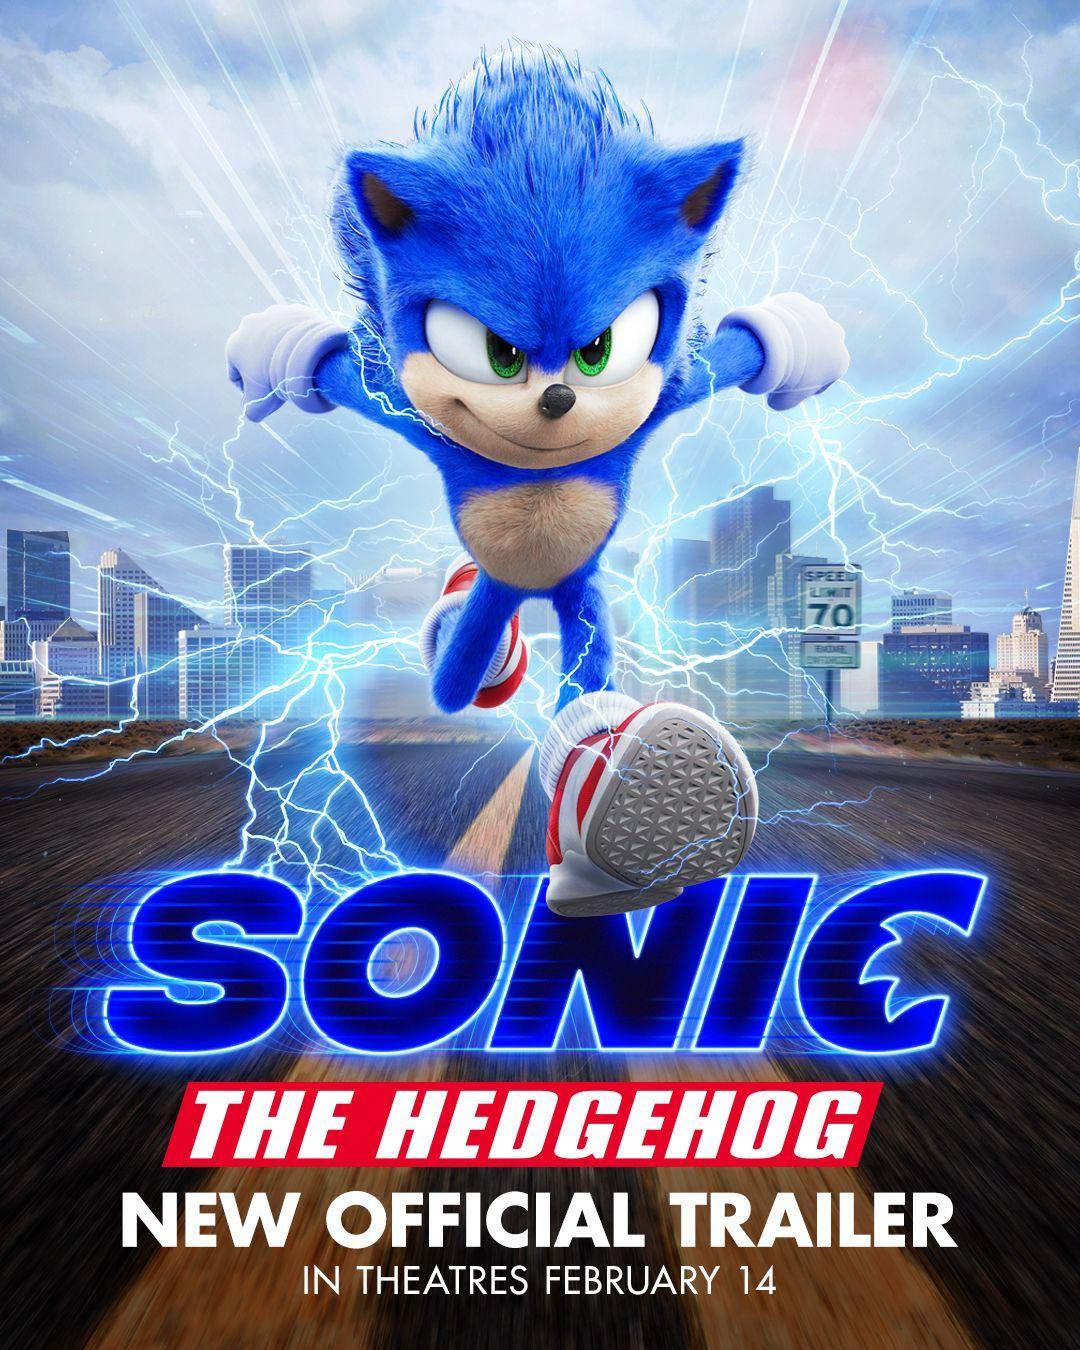 Ver Sonic La Pelicula Online Espanol 2020 Peliculas Ver Peliculas En Linea Gratis Mira Peliculas Imagenes De Sonic Exe Peliculas En Linea Gratis Juguetes De Sonic